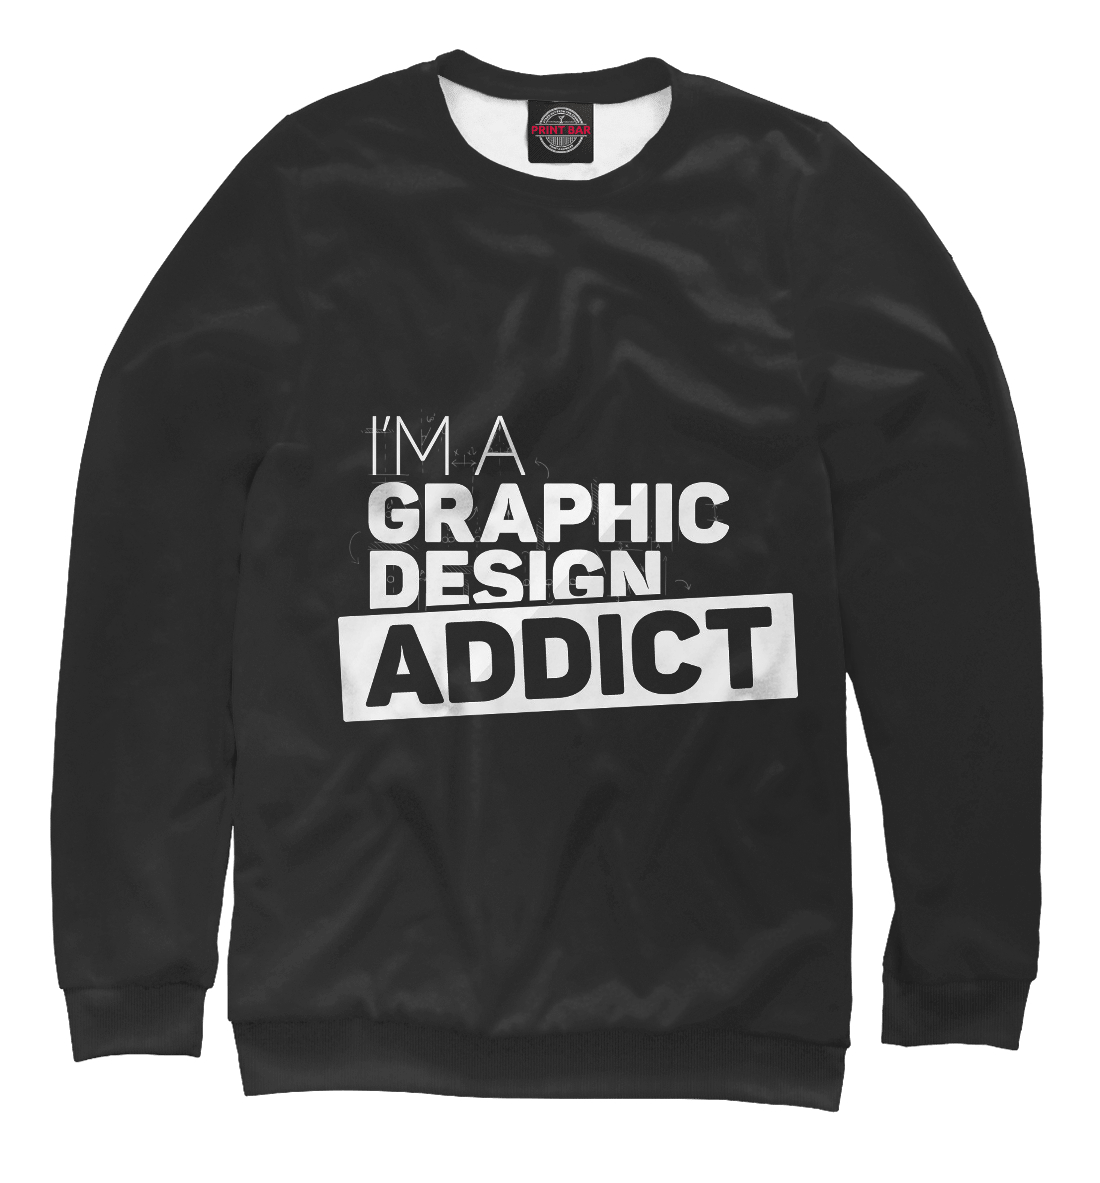 Graphic design addict